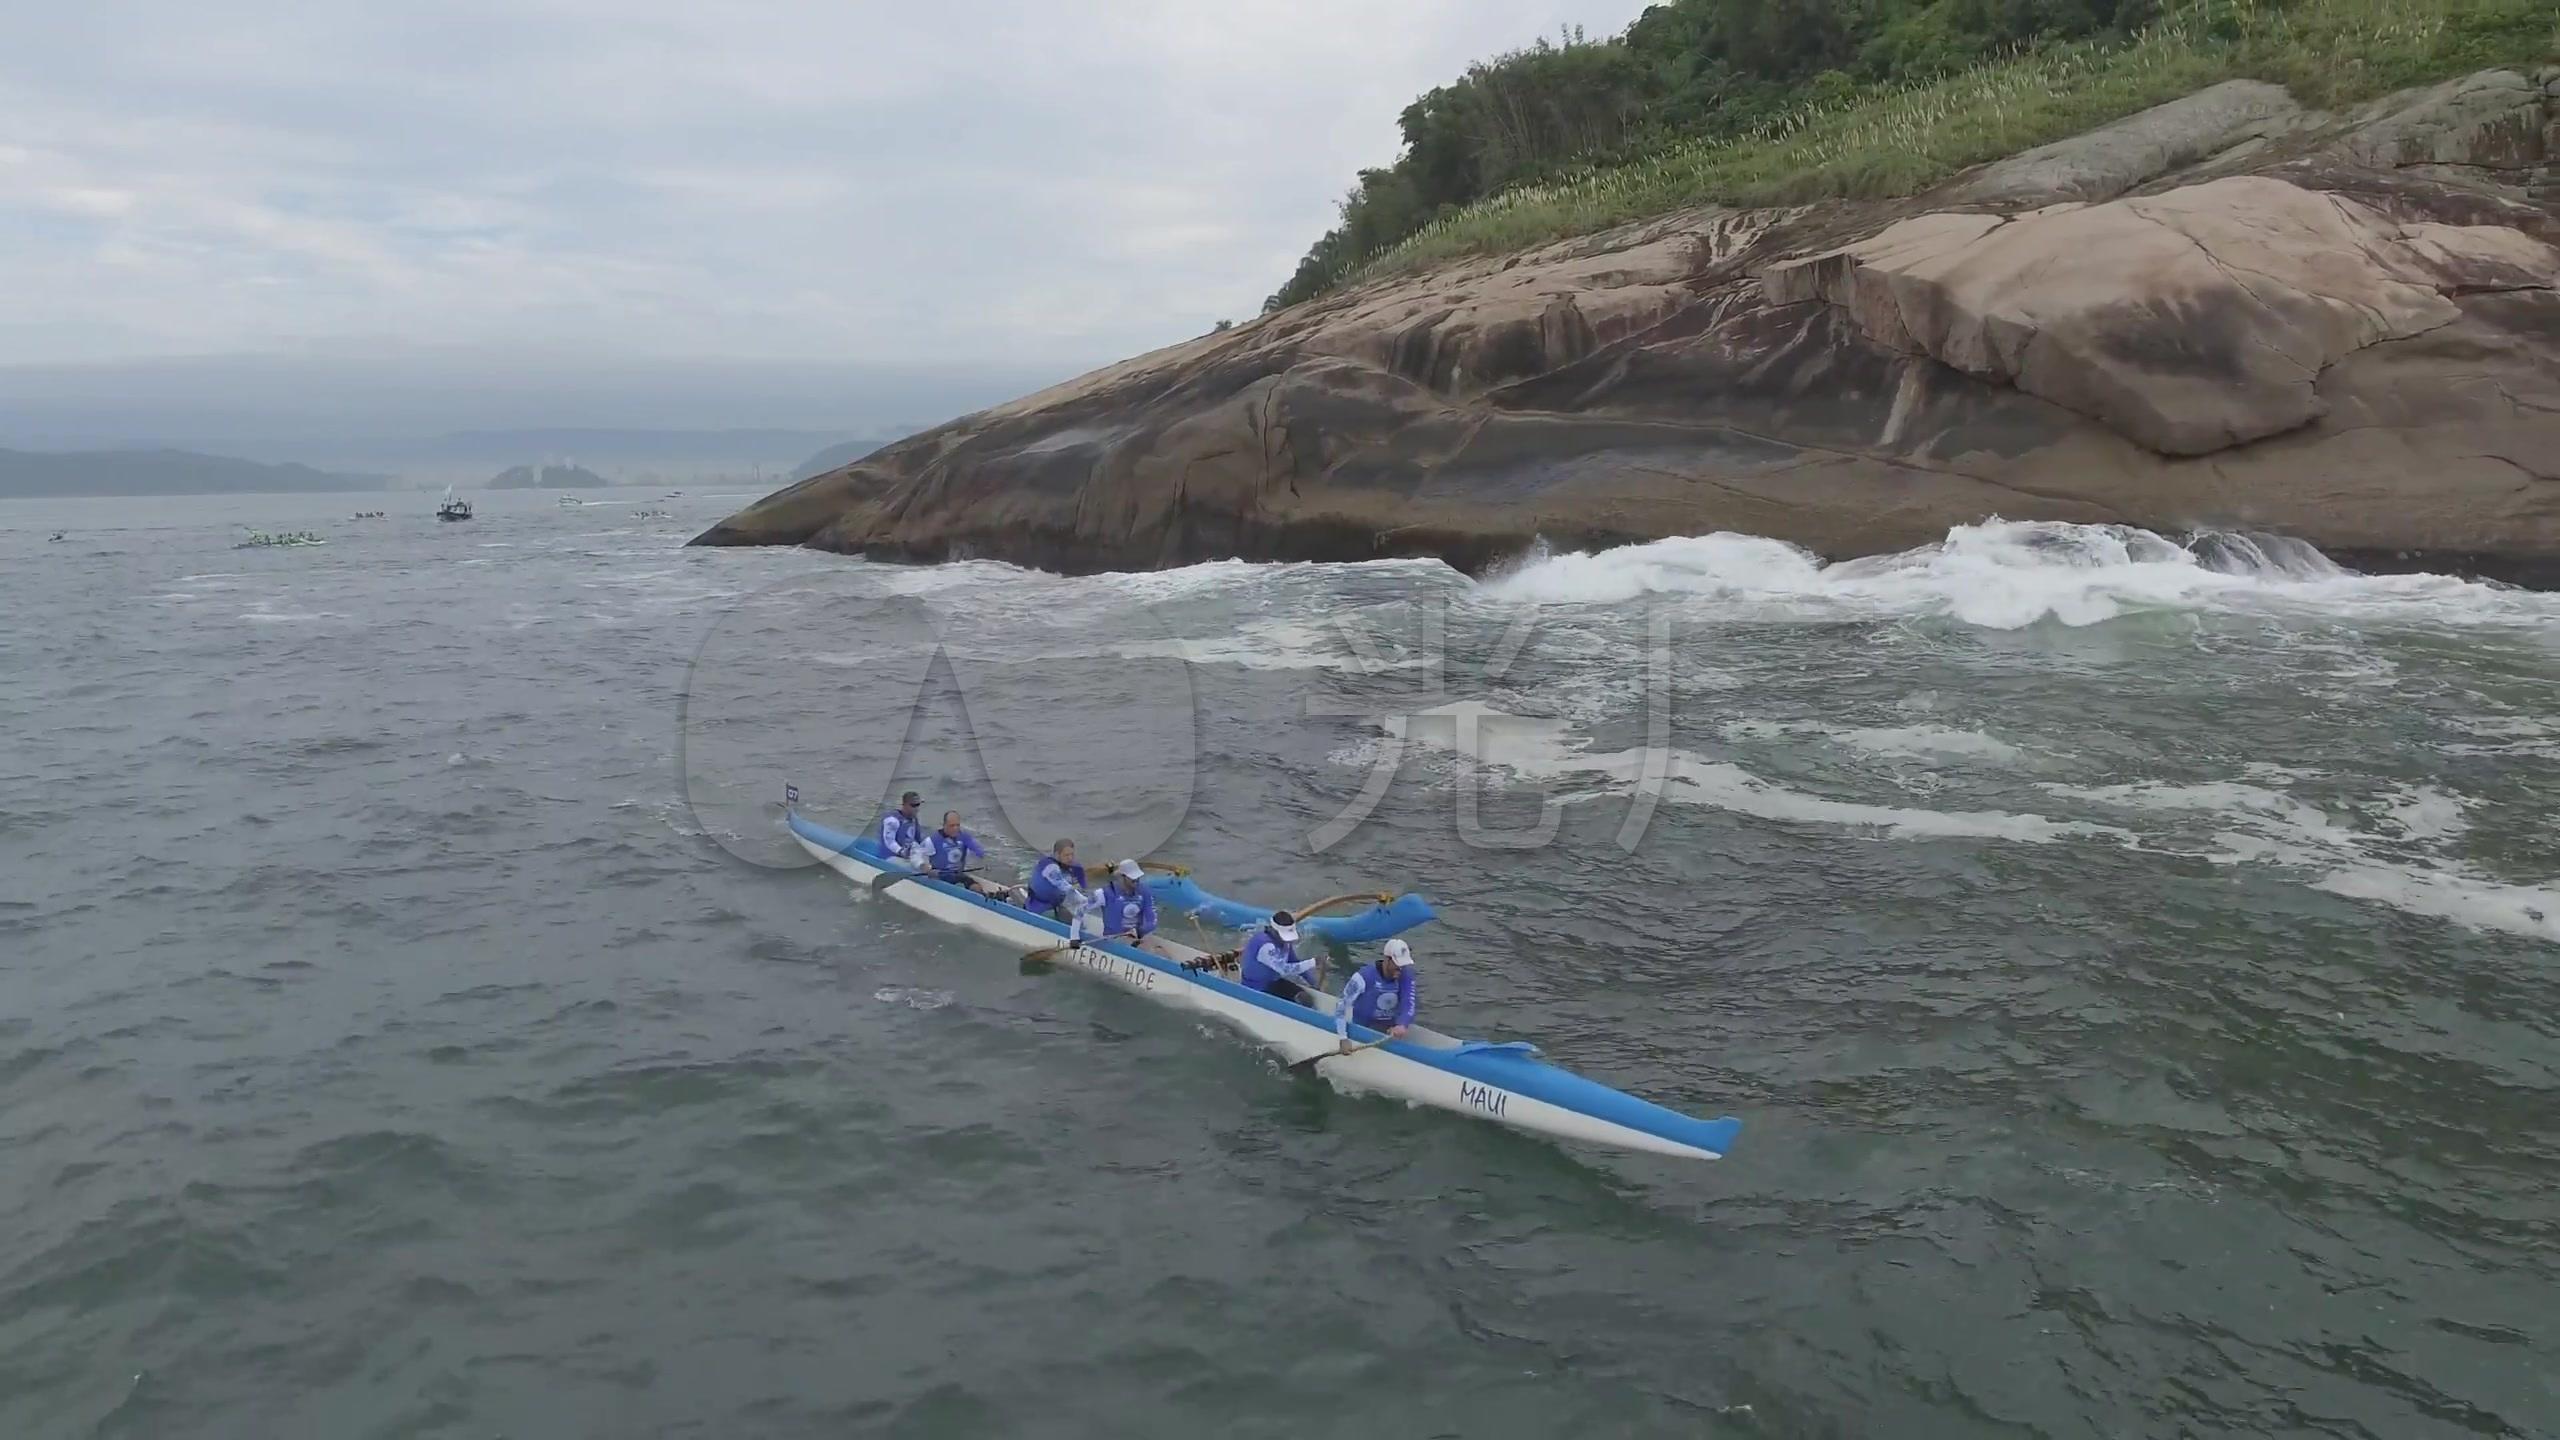 航拍赛艇皮划艇体育竞赛运动划桨竞争比赛_2广元市射箭乡晒金村村主任贾大合图片